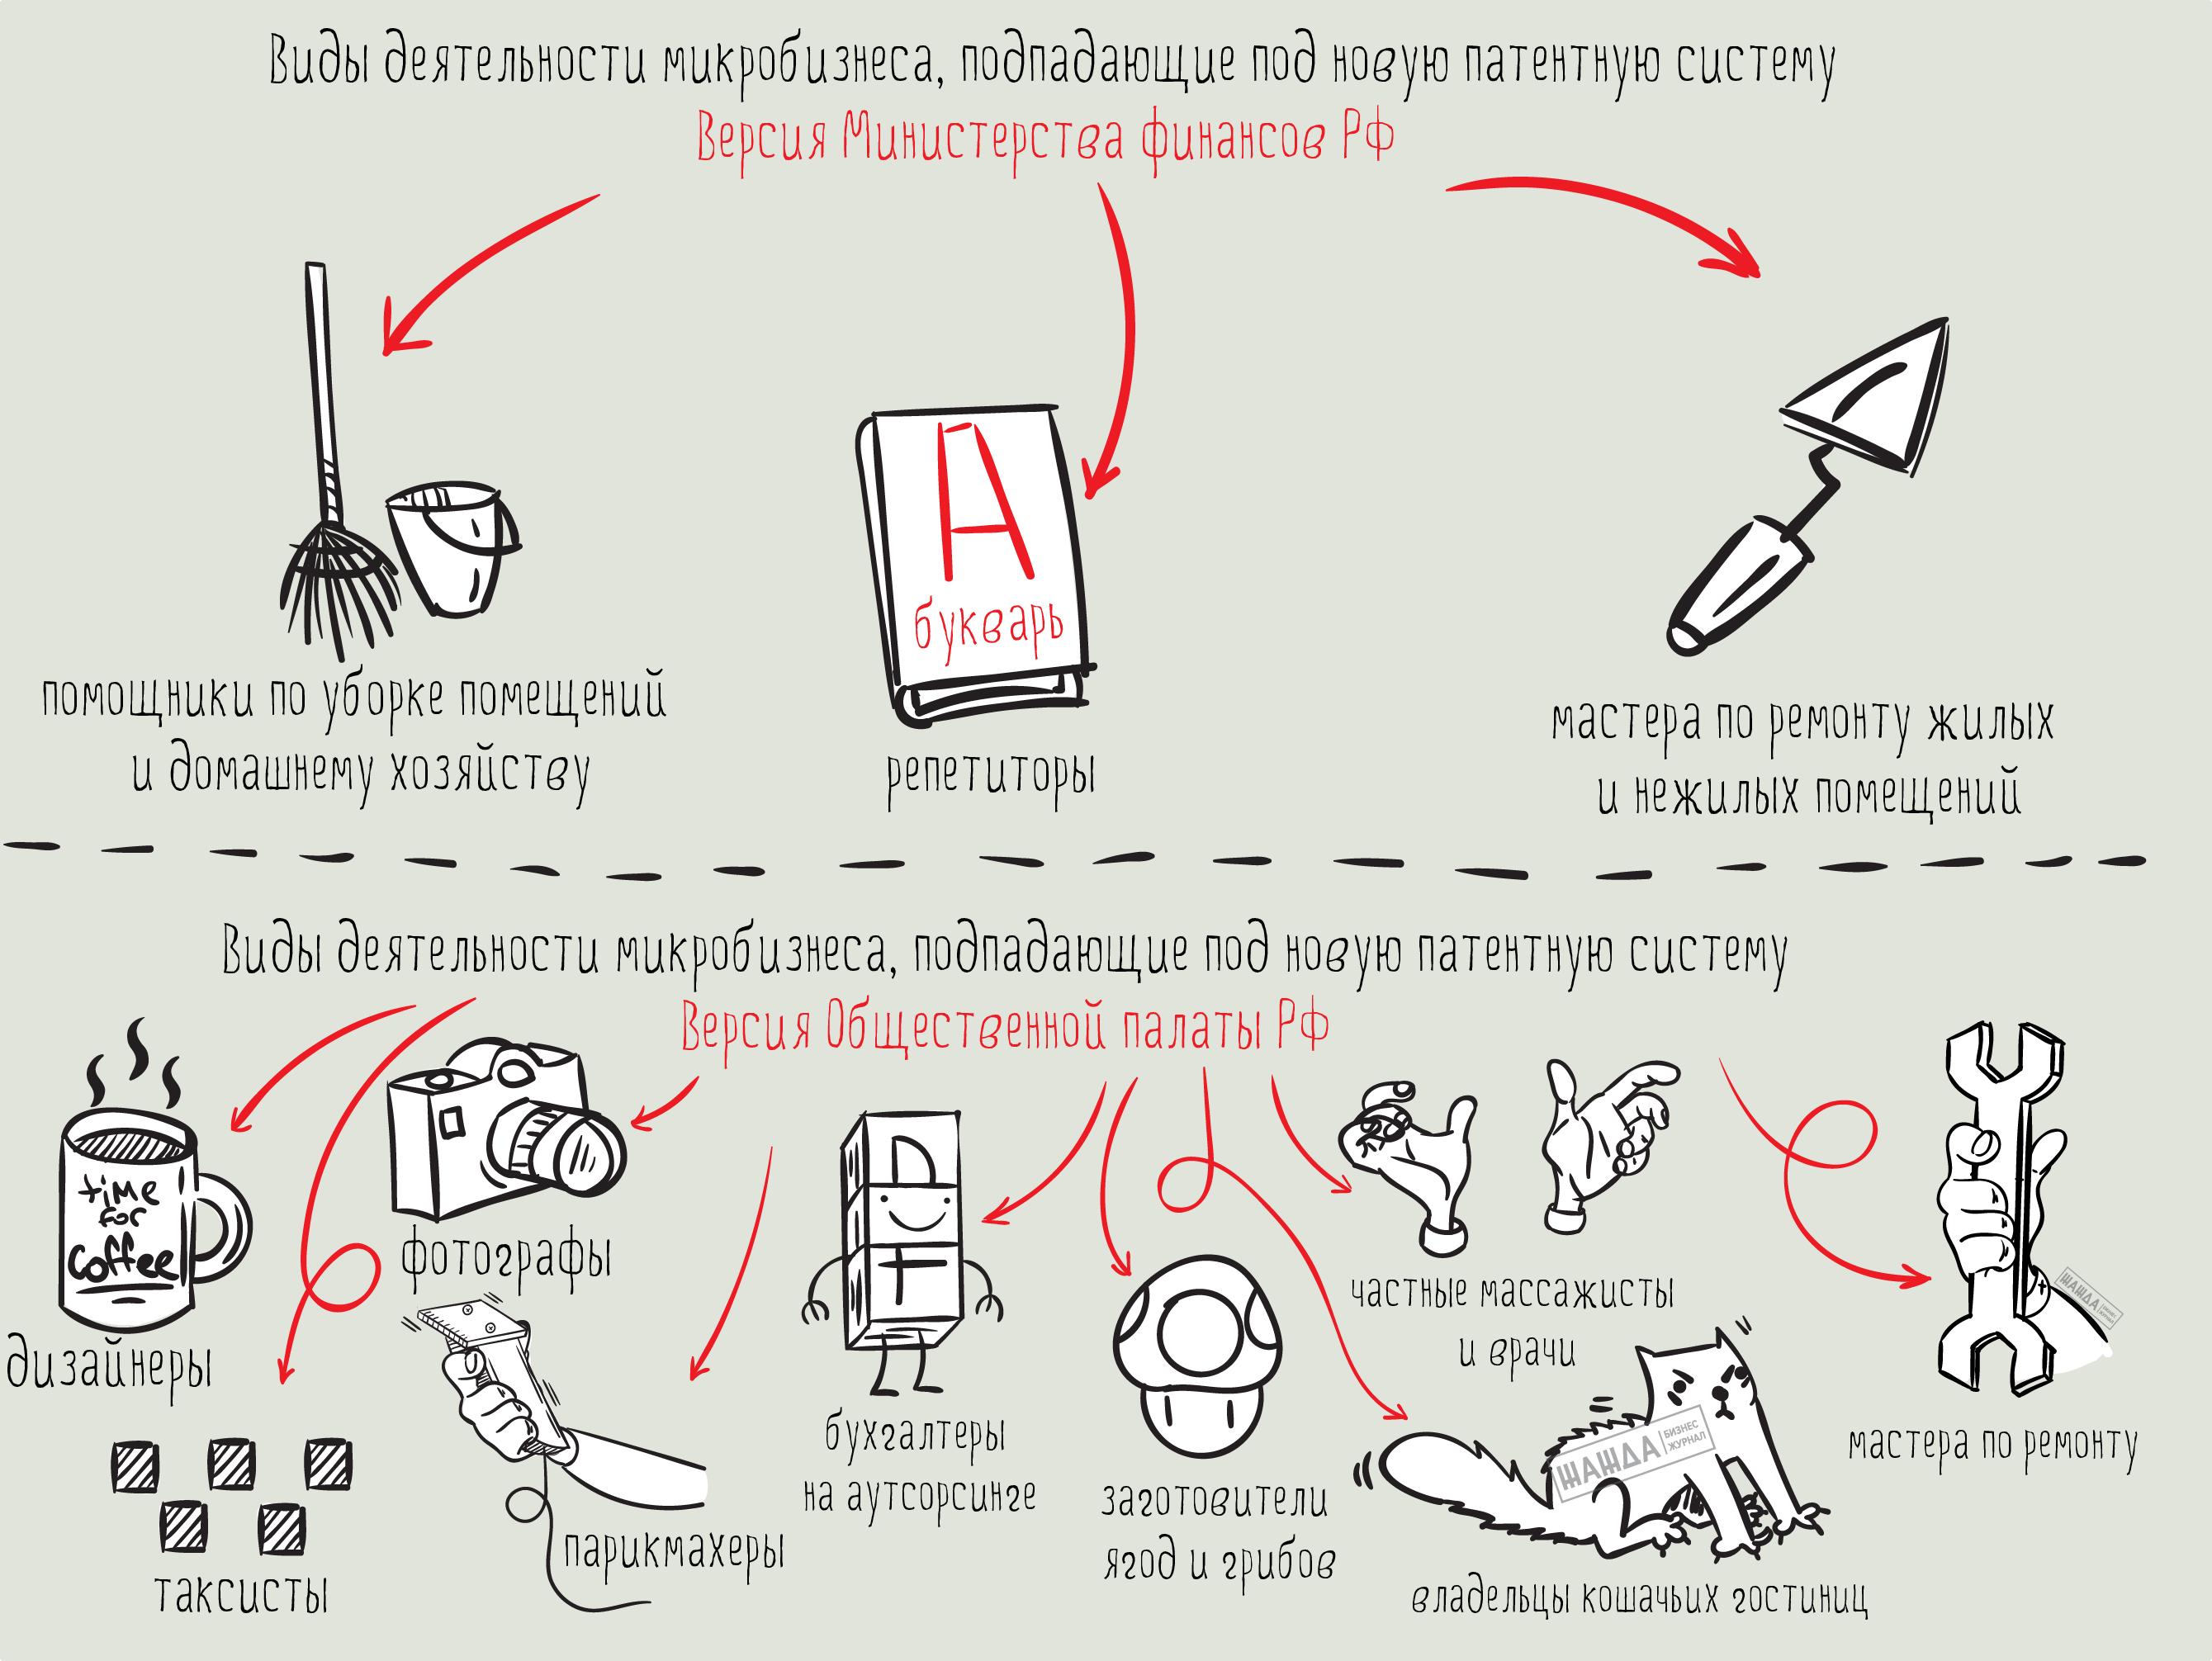 Виды деятельности микробизнеса, попадающие под новую патентную систему